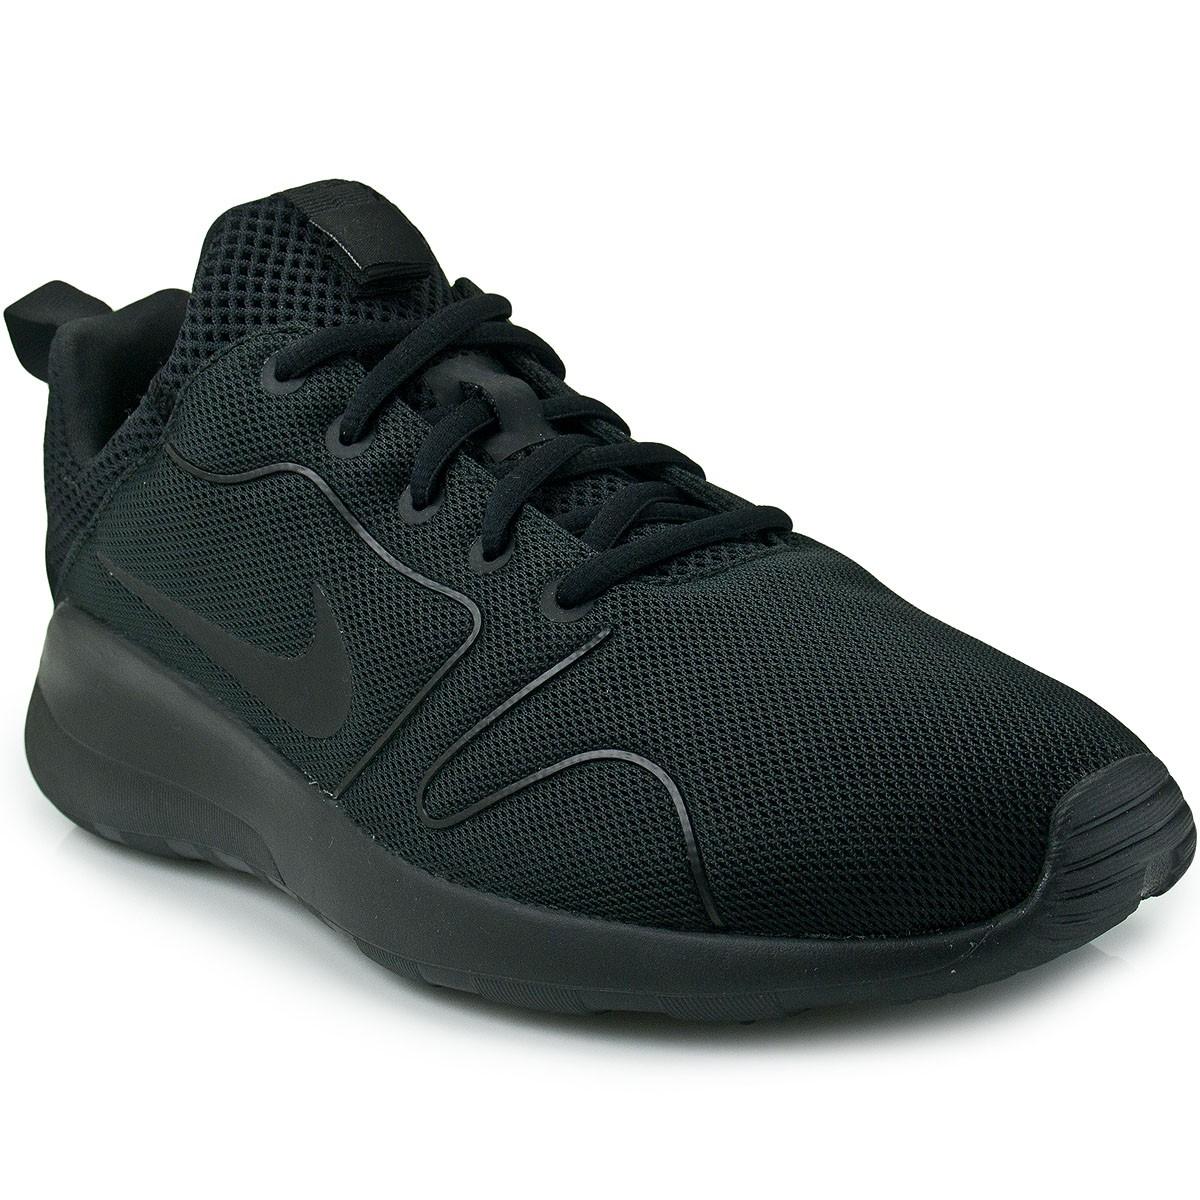 dbbc78cbf3 Tênis Nike Kaishi 2.0 833411